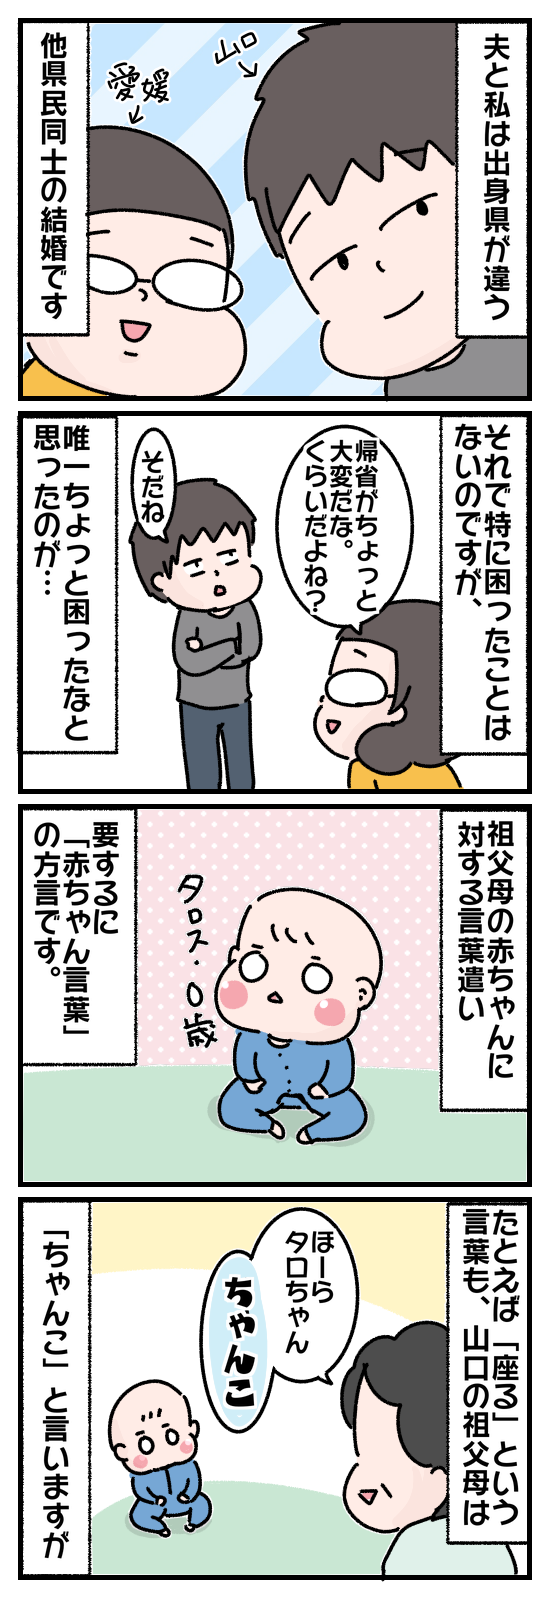 他県同士の結婚で唯一困った、県ごとの「赤ちゃん言葉」の方言の画像1